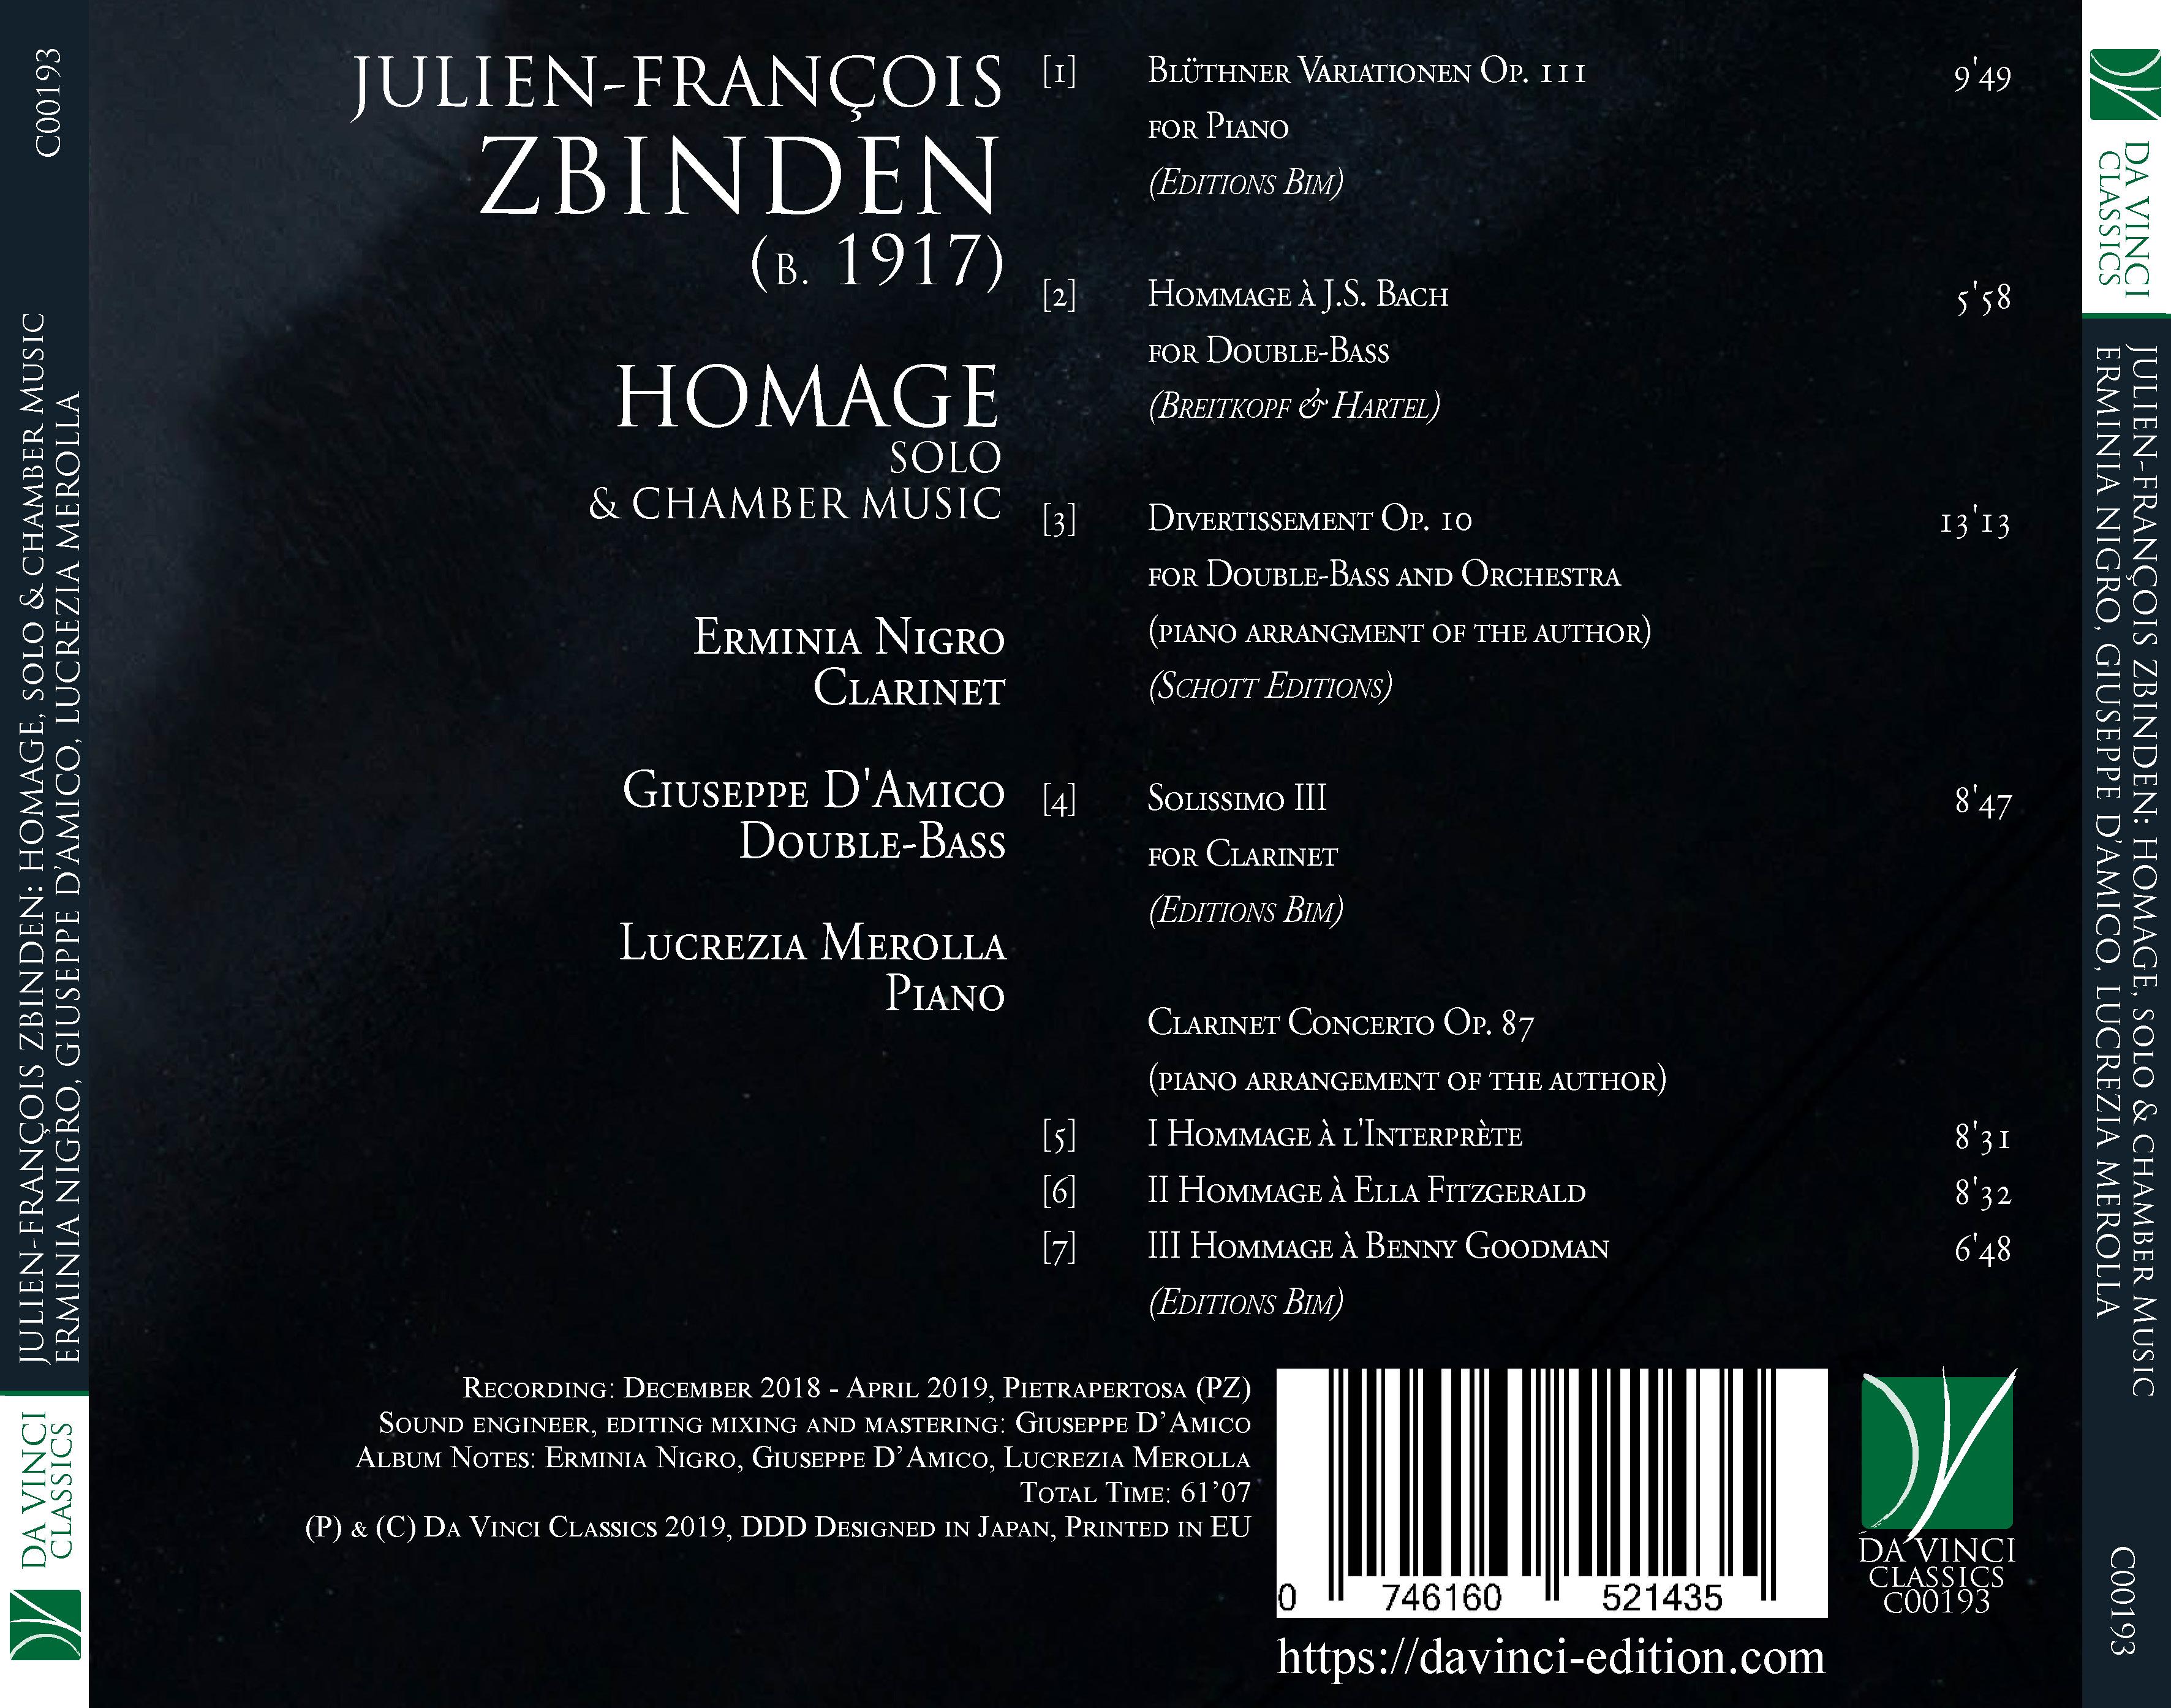 Julien-François Zbinden: Homage